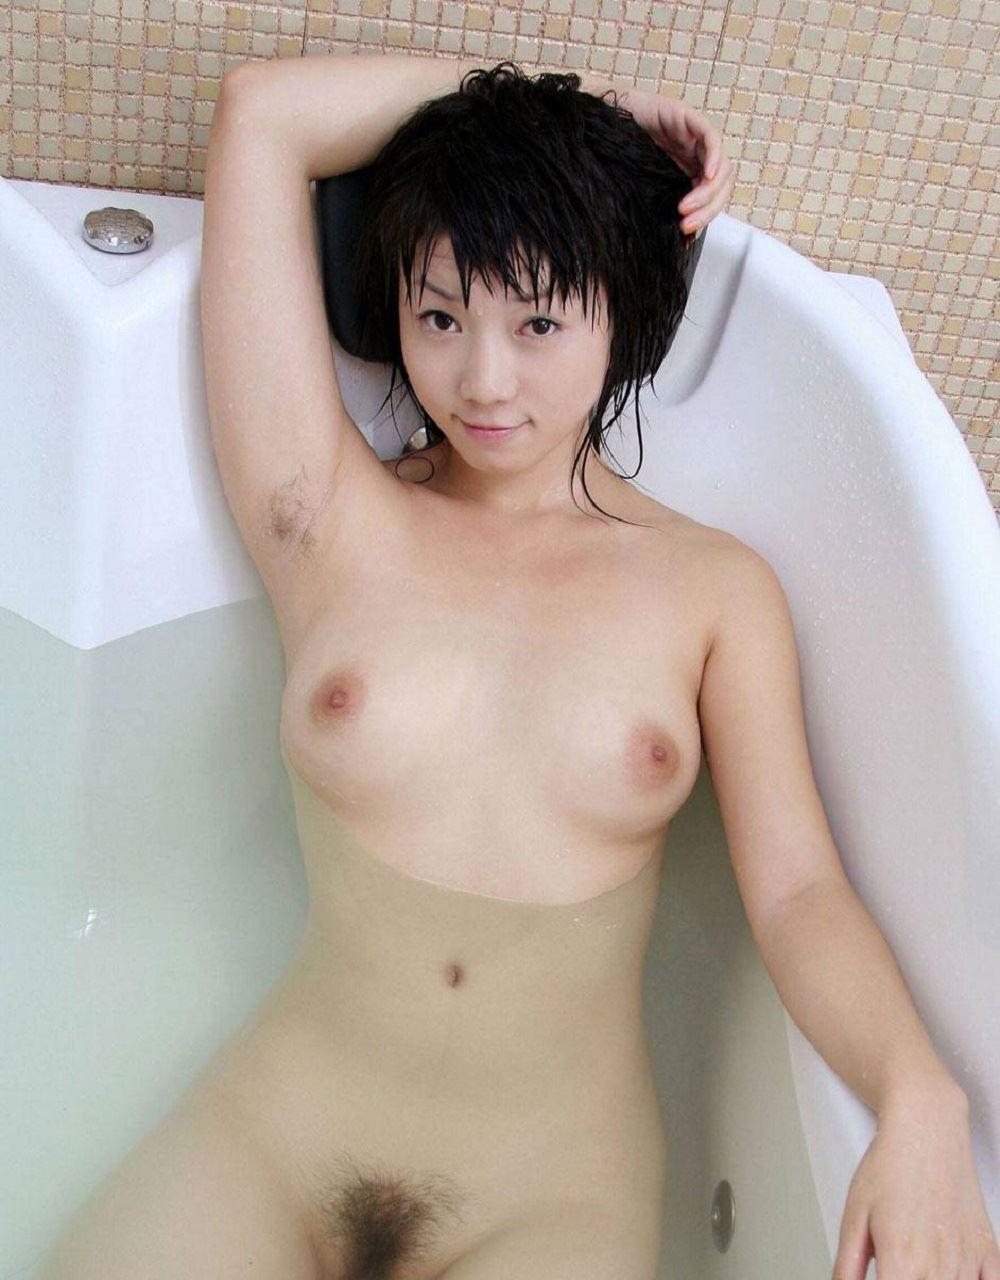 女のワキ毛画像 27